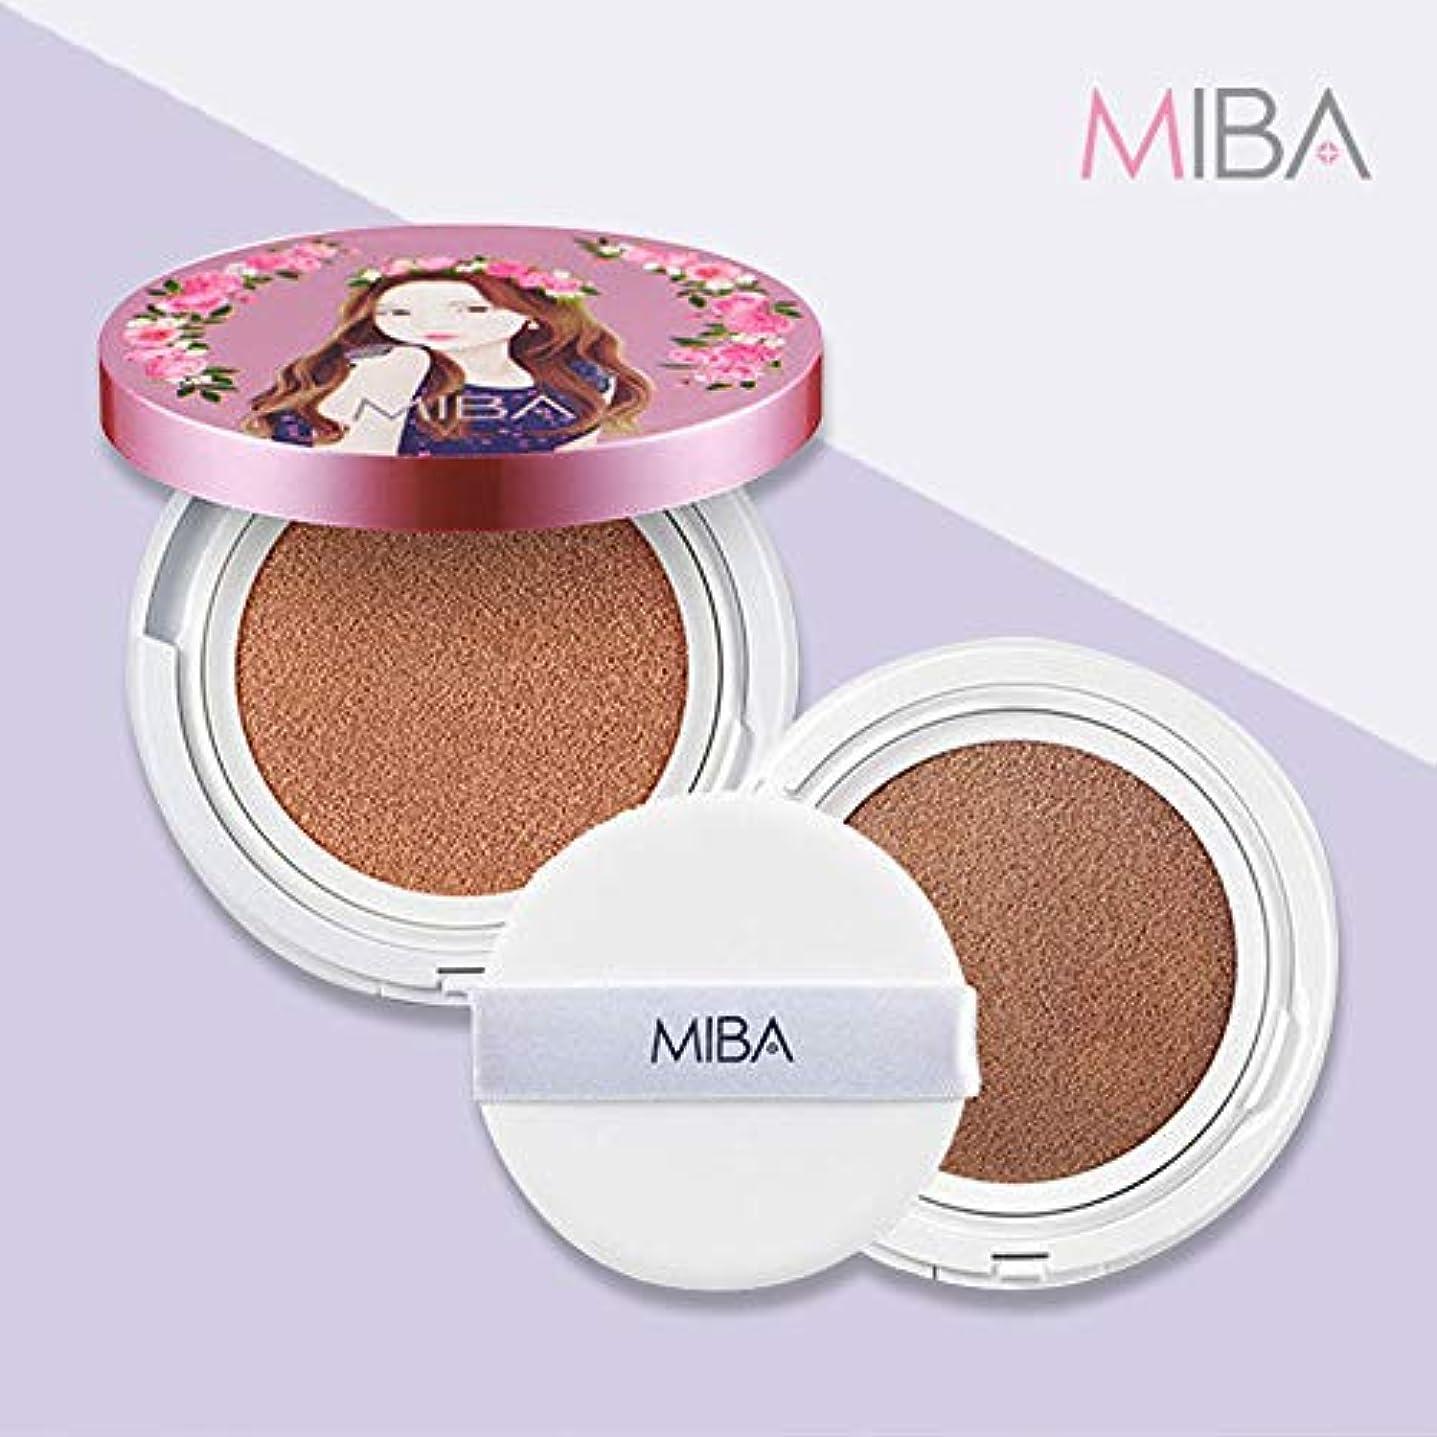 農業のおとなしい測定可能【mineralbio】 MIBA ミバ イオンカルシウム ミネラルファンデーション ダブルクッション 本品+リフィル+パフ2枚 SPF50+/PA++++ 普通肌用 (Ion Calcium Foundation Double Cushion set 24g #23 Natural skin)